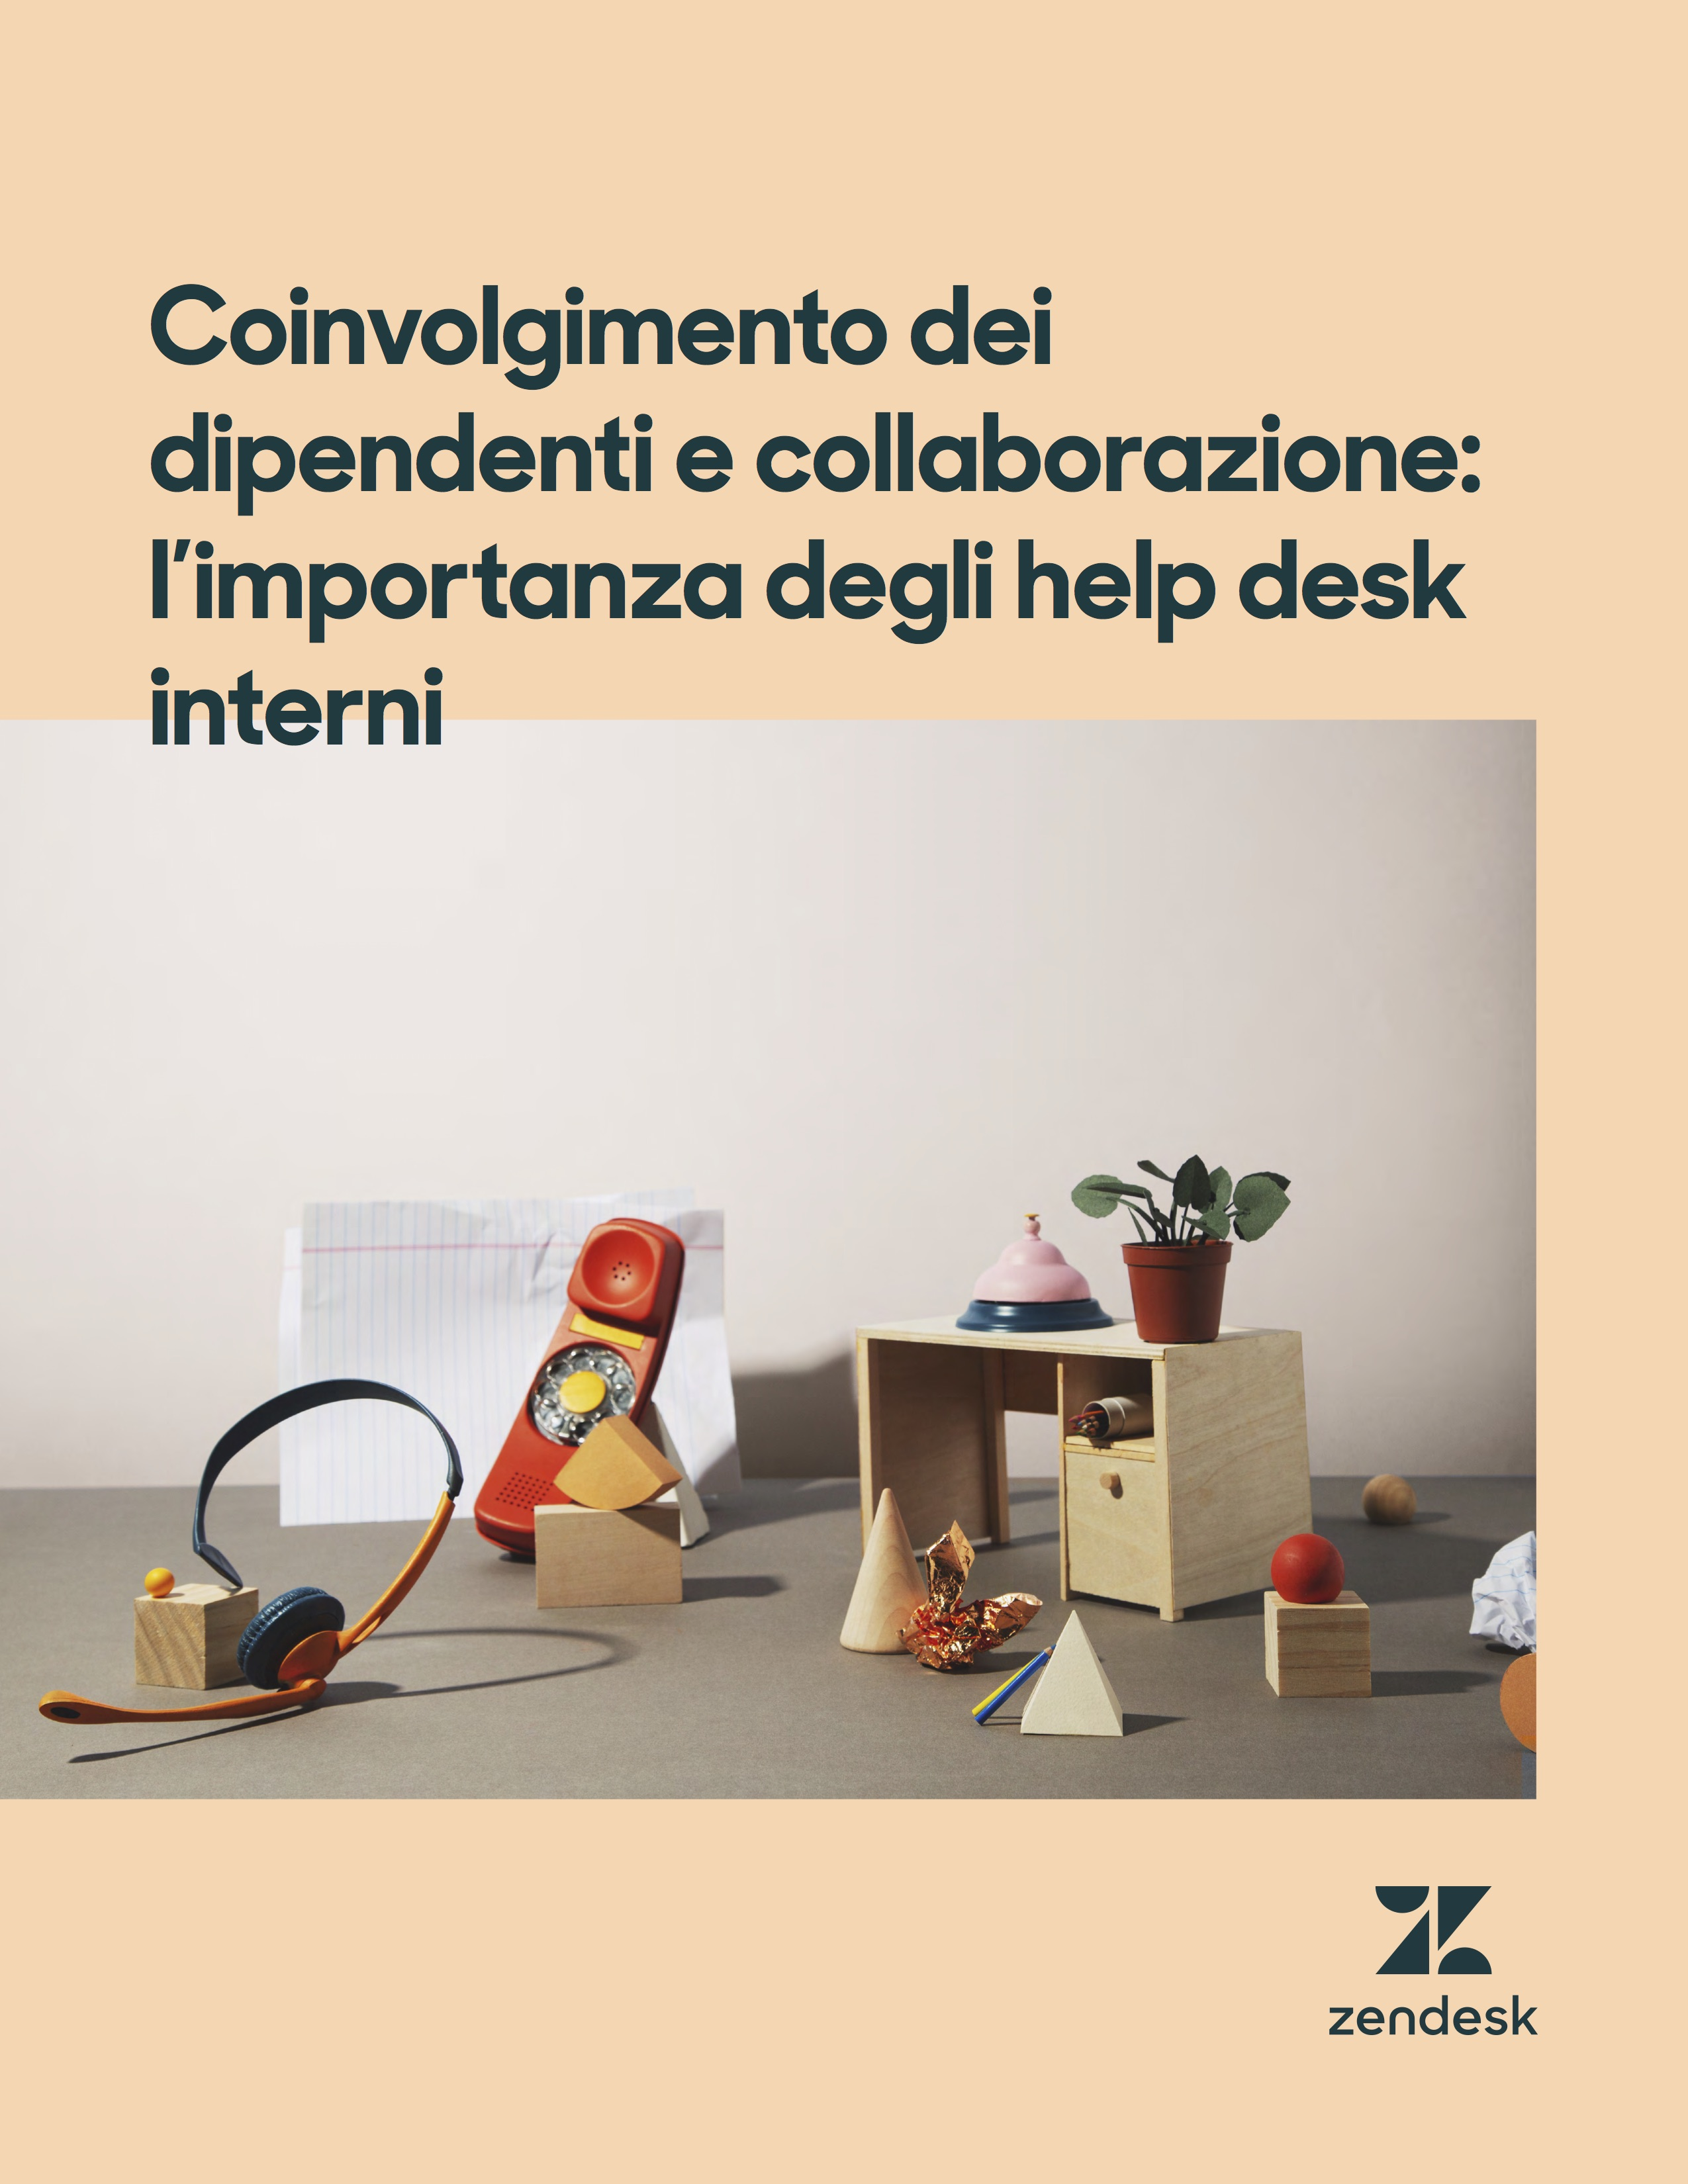 Employee Experience Trends Report – Zendesk